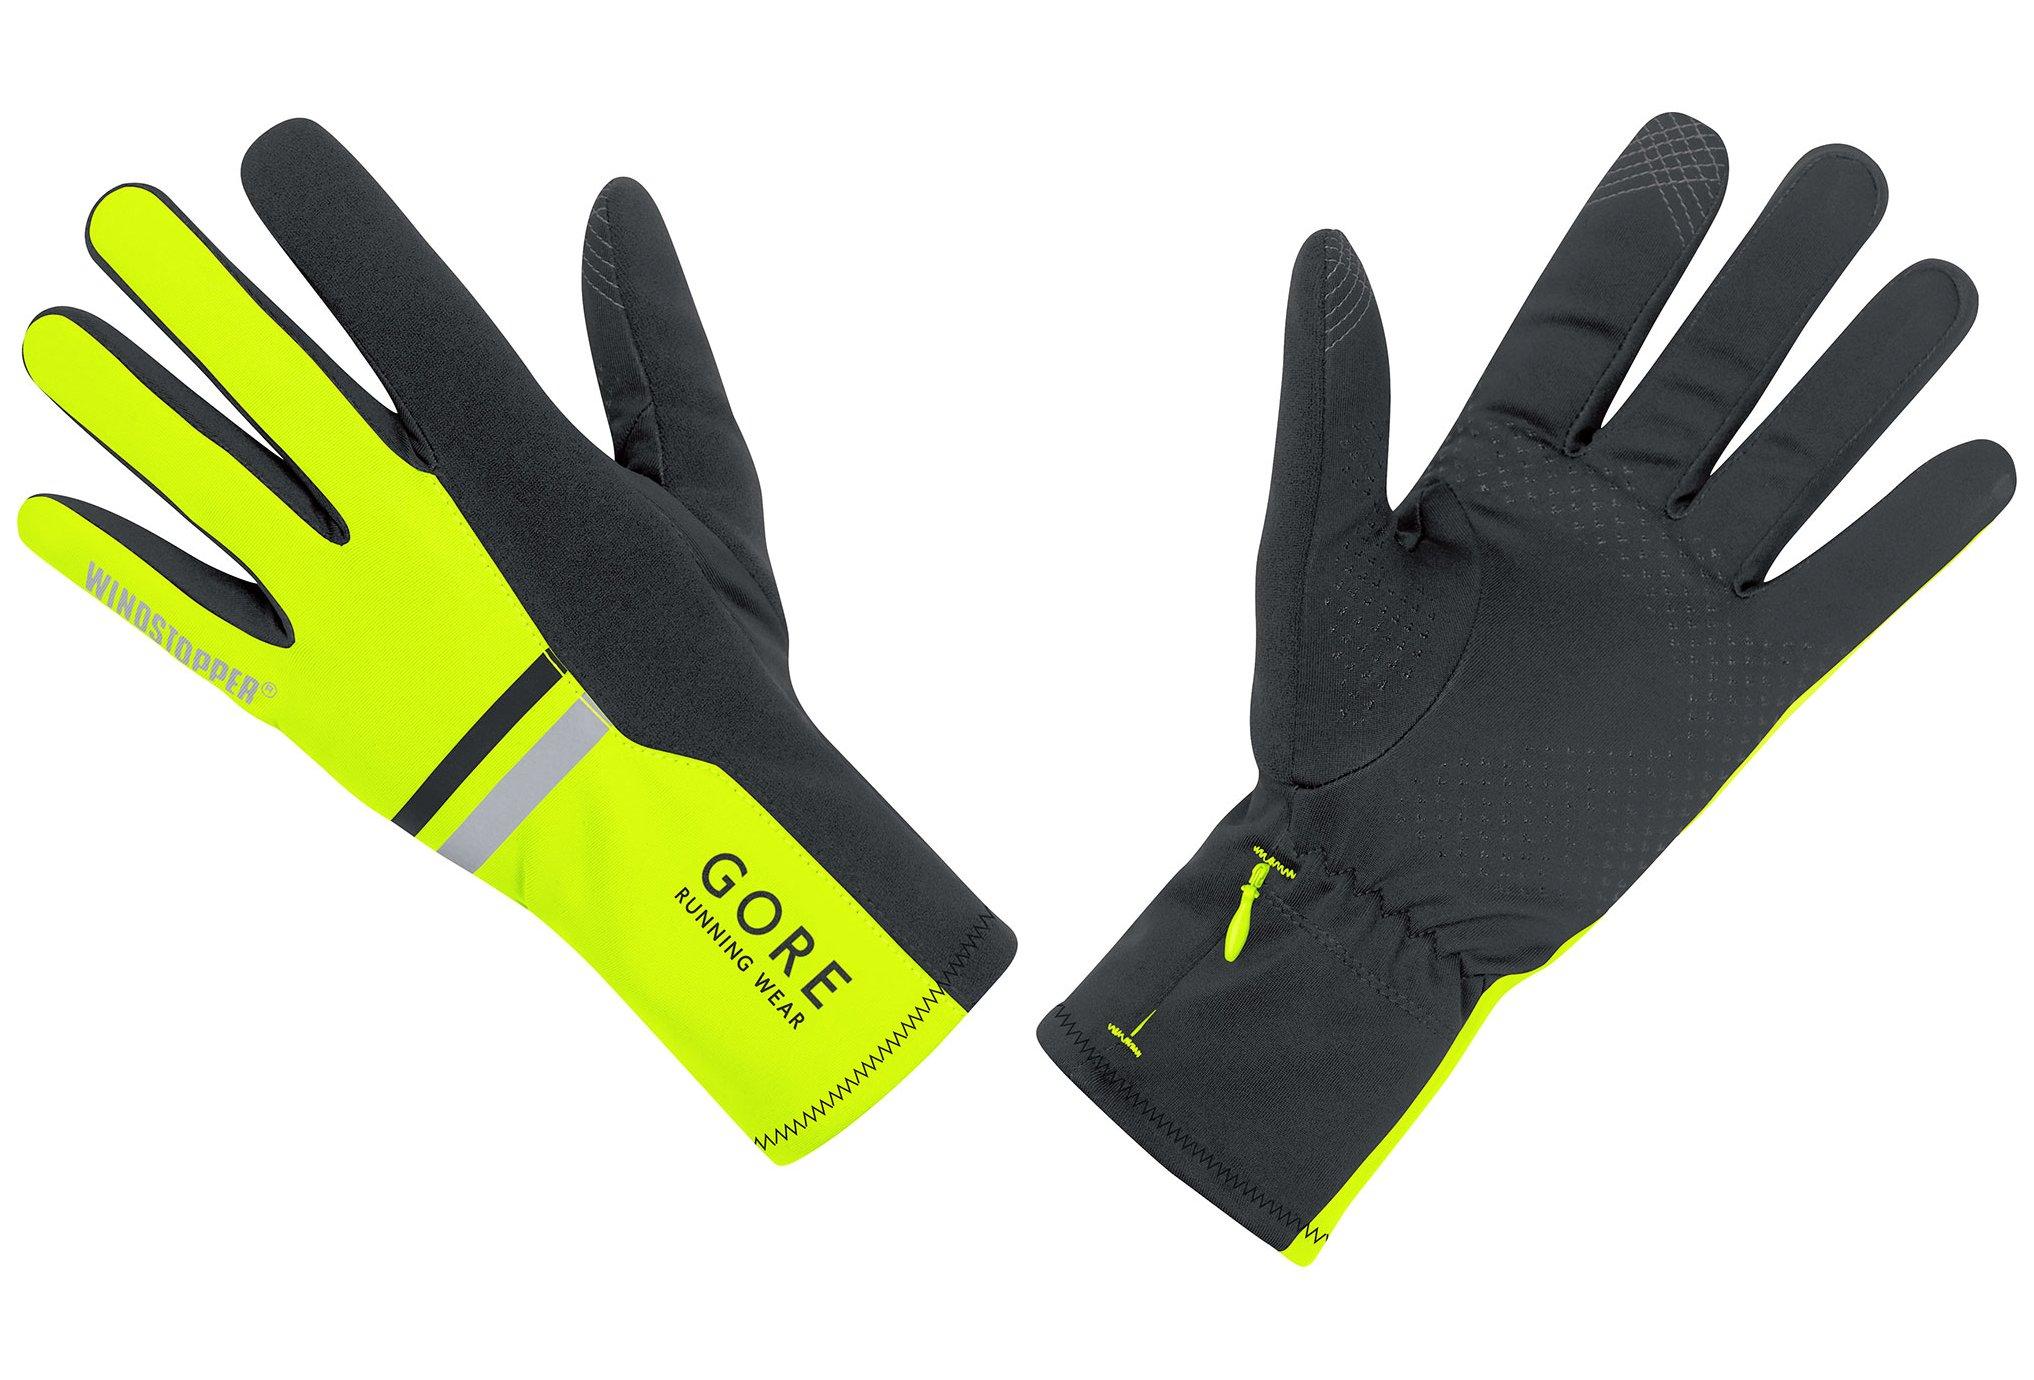 Gore Wear Mythos 2.0 Windstopper Soft Shell Diététique Accessoires